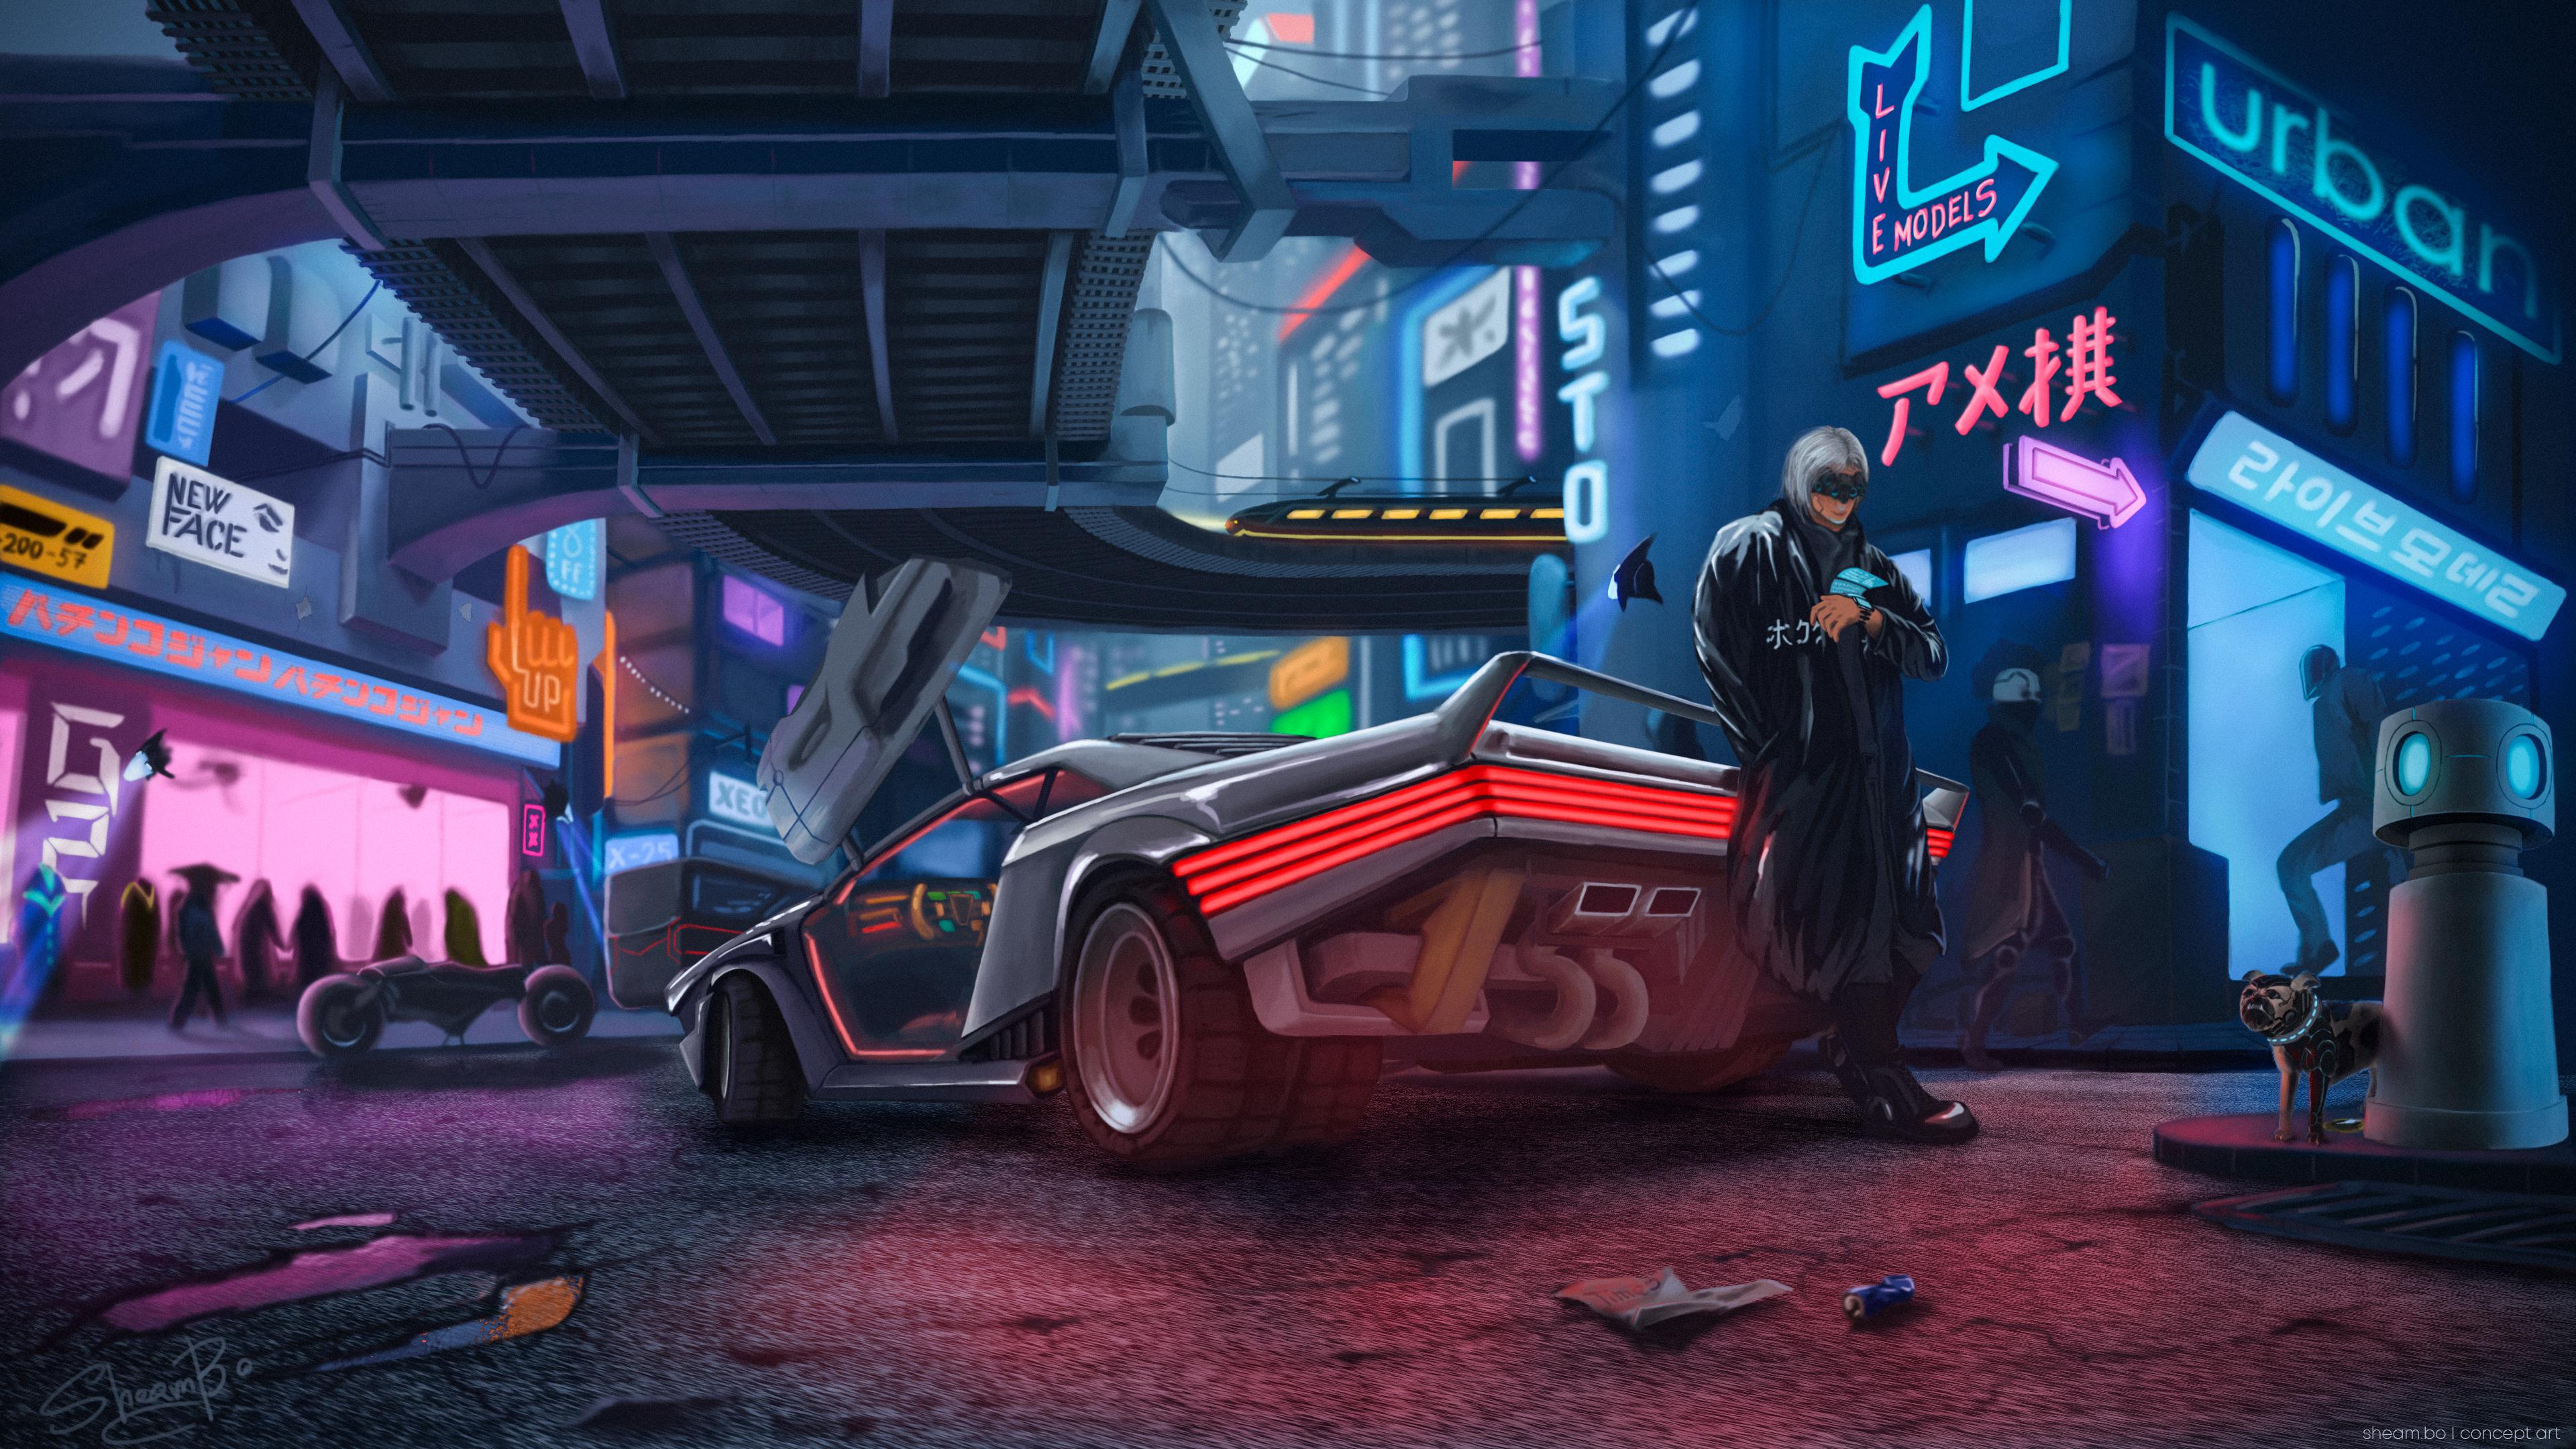 Cyberpunk 2077 fan art 4k hd games 4k wallpapers images - Cyberpunk 2077 wallpaper 4k ...